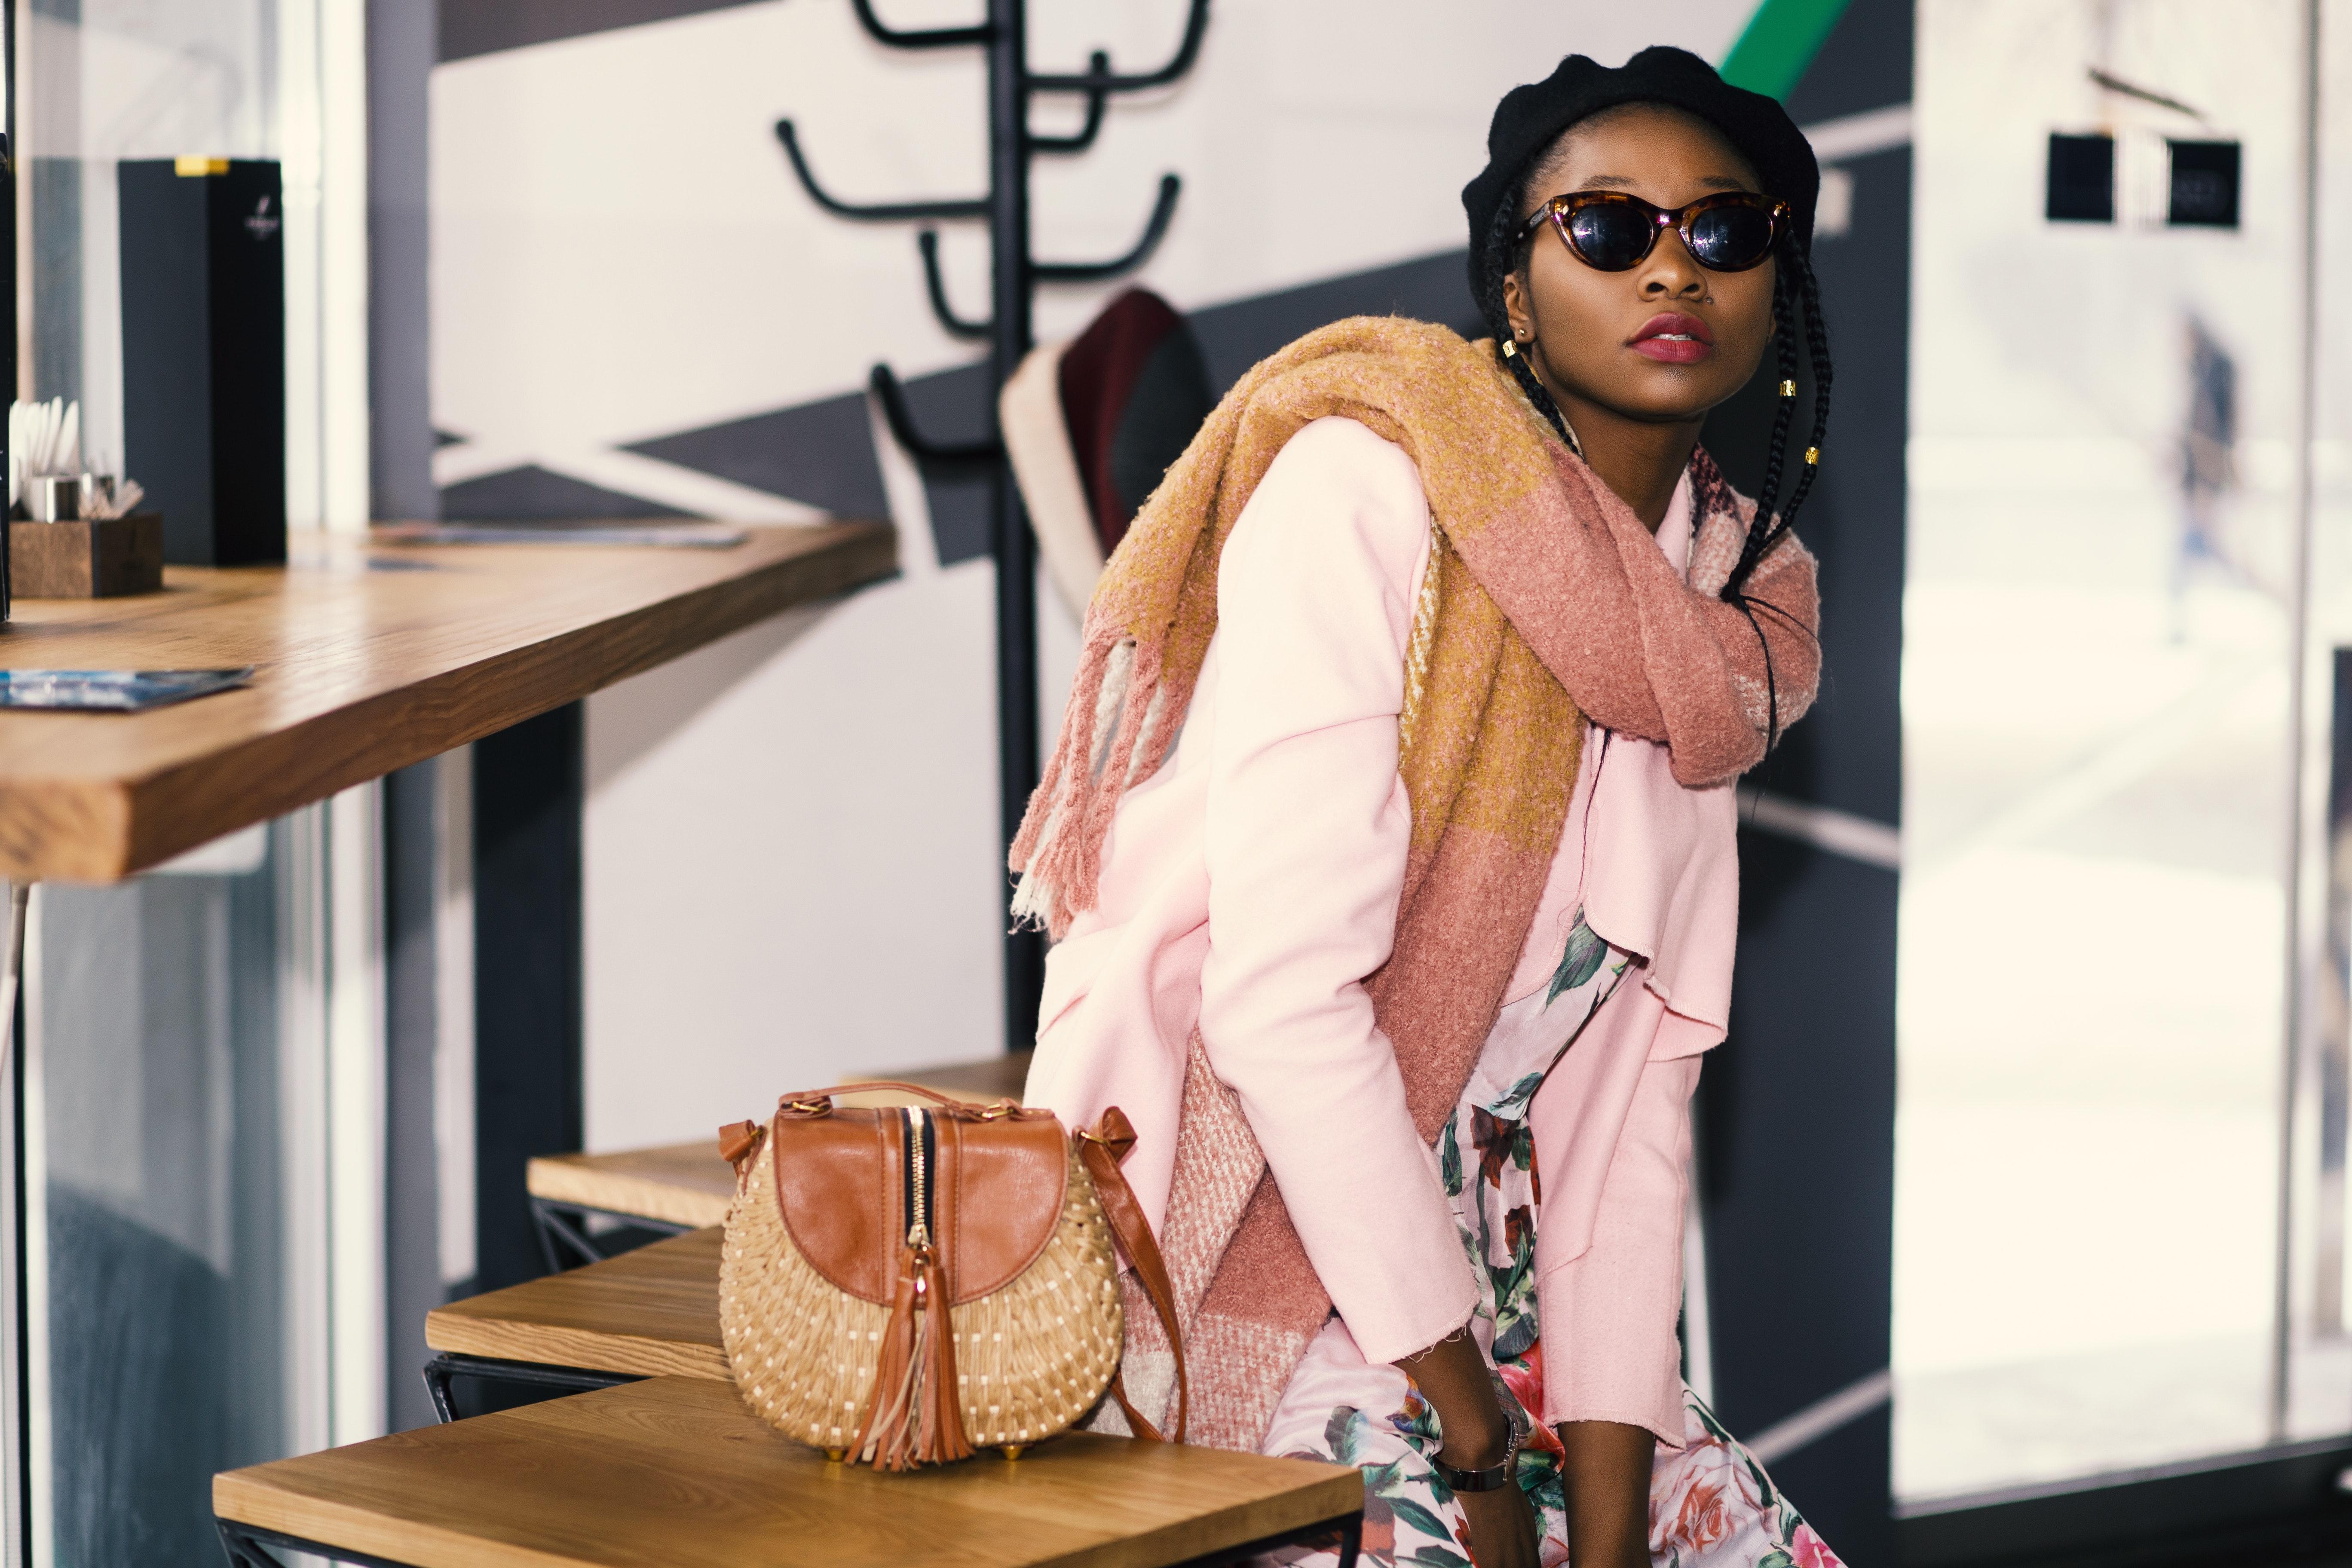 Woman wearing pink cardigan photo